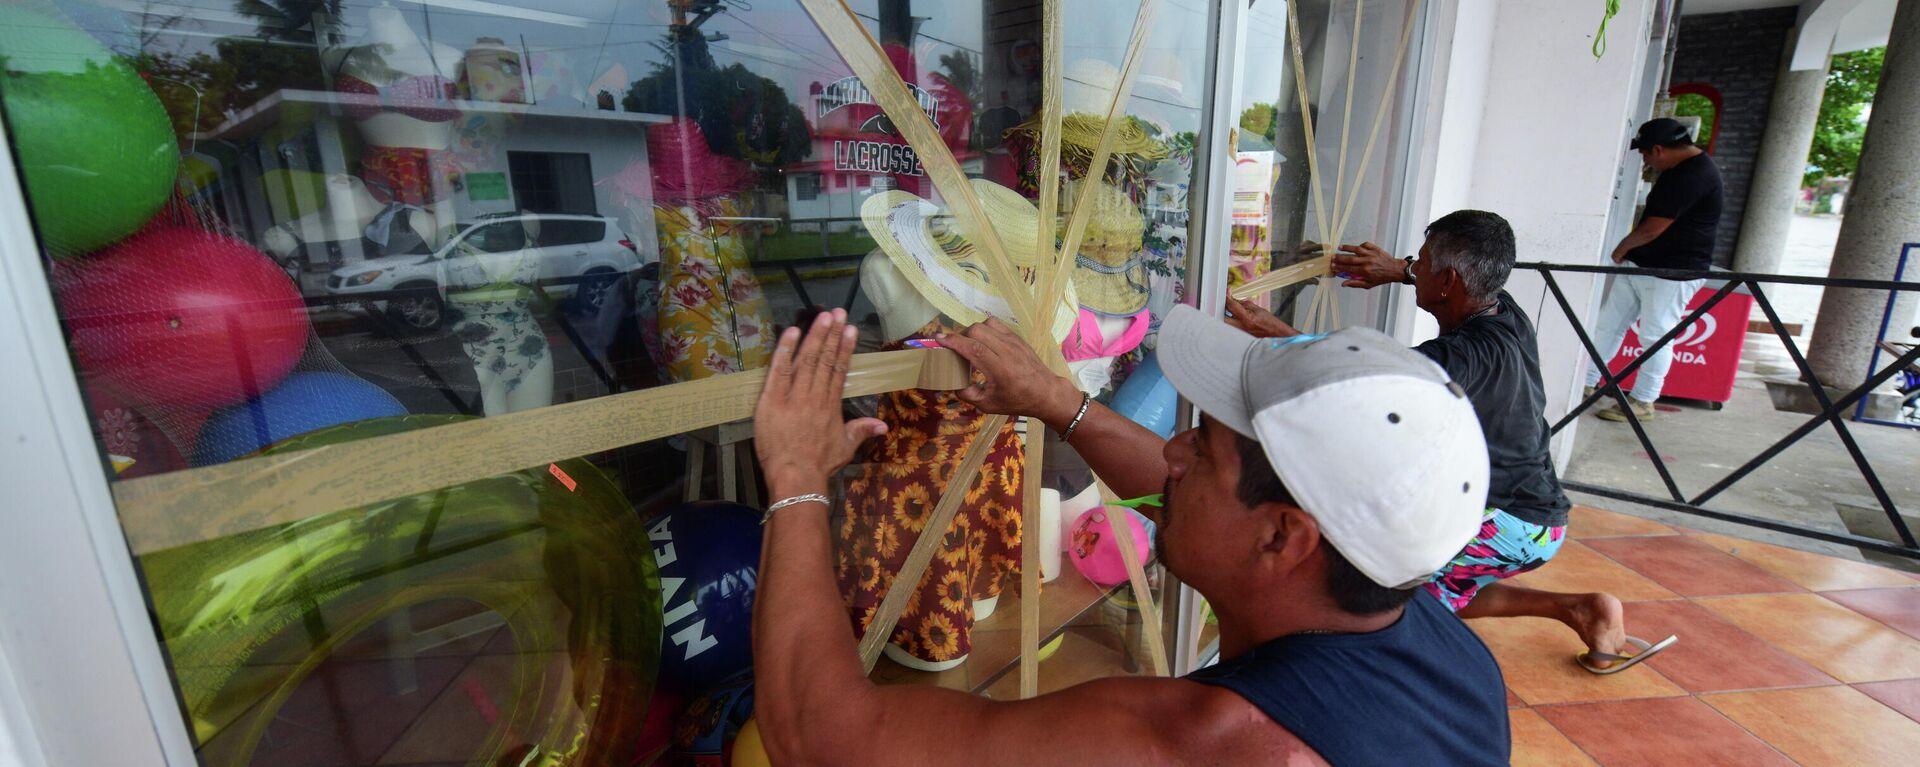 Preparando una tienda para la llegada del huracán Grace en Tecolutla, México - Sputnik Mundo, 1920, 21.08.2021